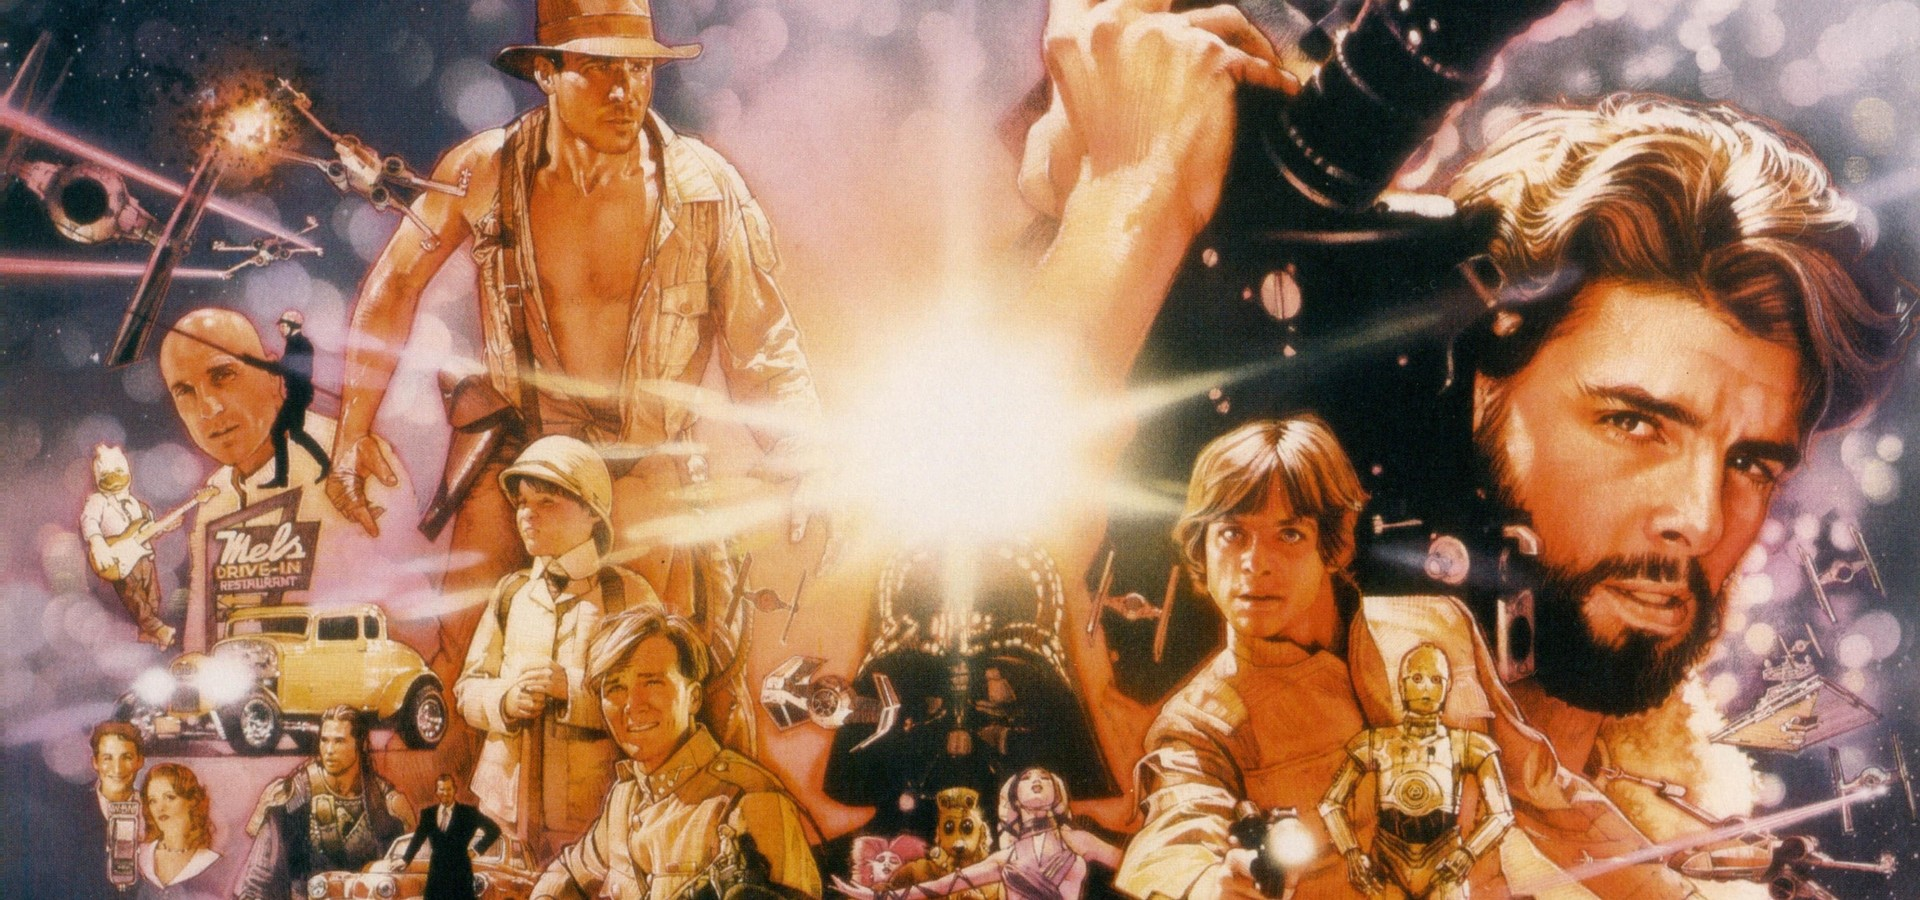 El imperio de los sueños. La historia de Star Wars